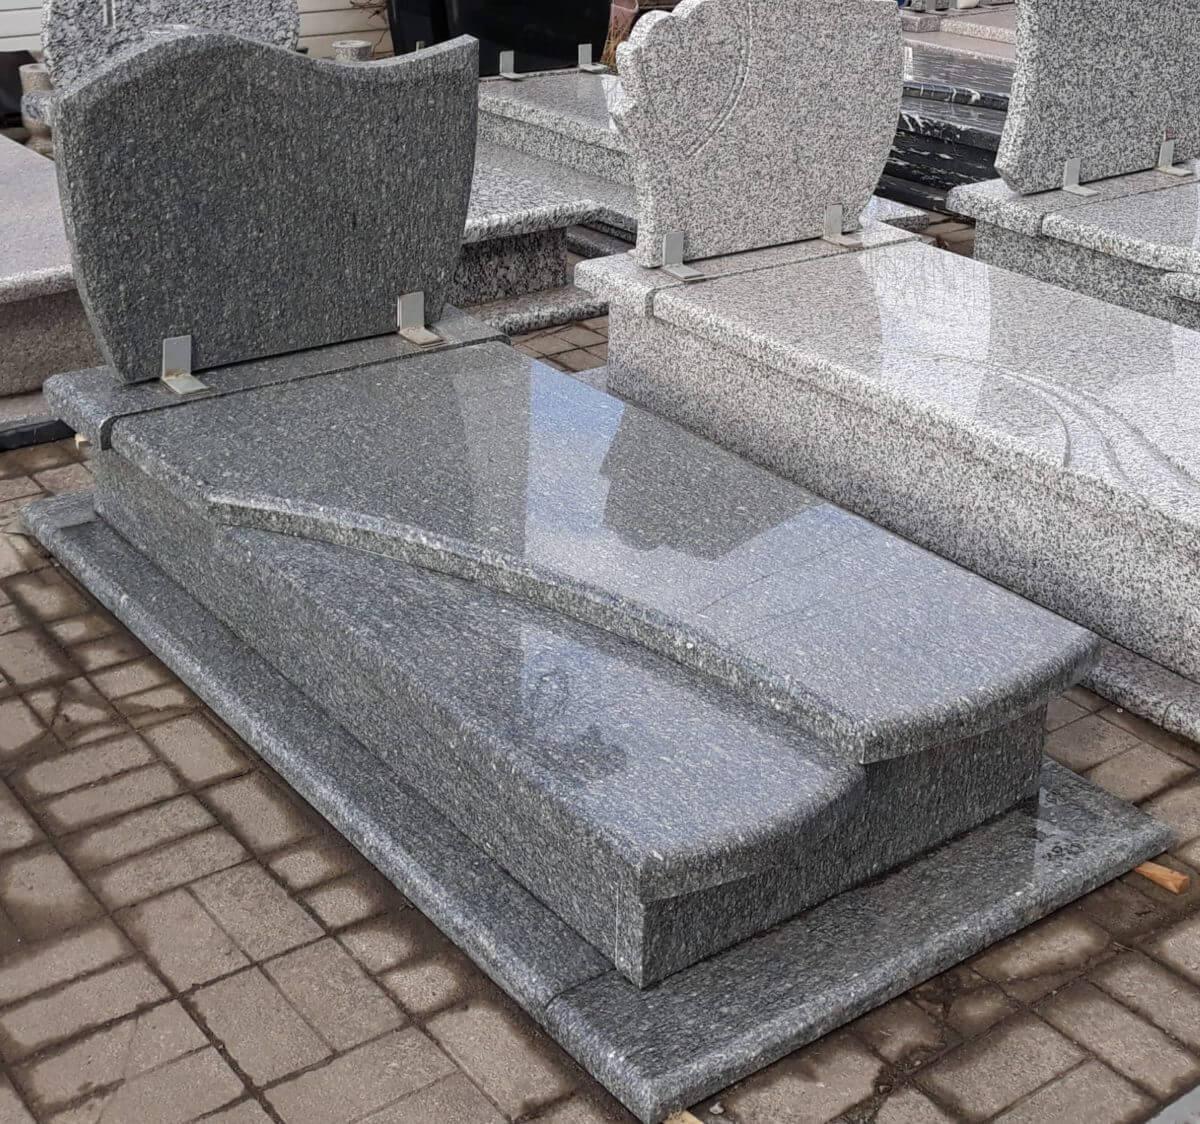 nagrobki tarnow ediart kamieniarstwo nagrobkowe